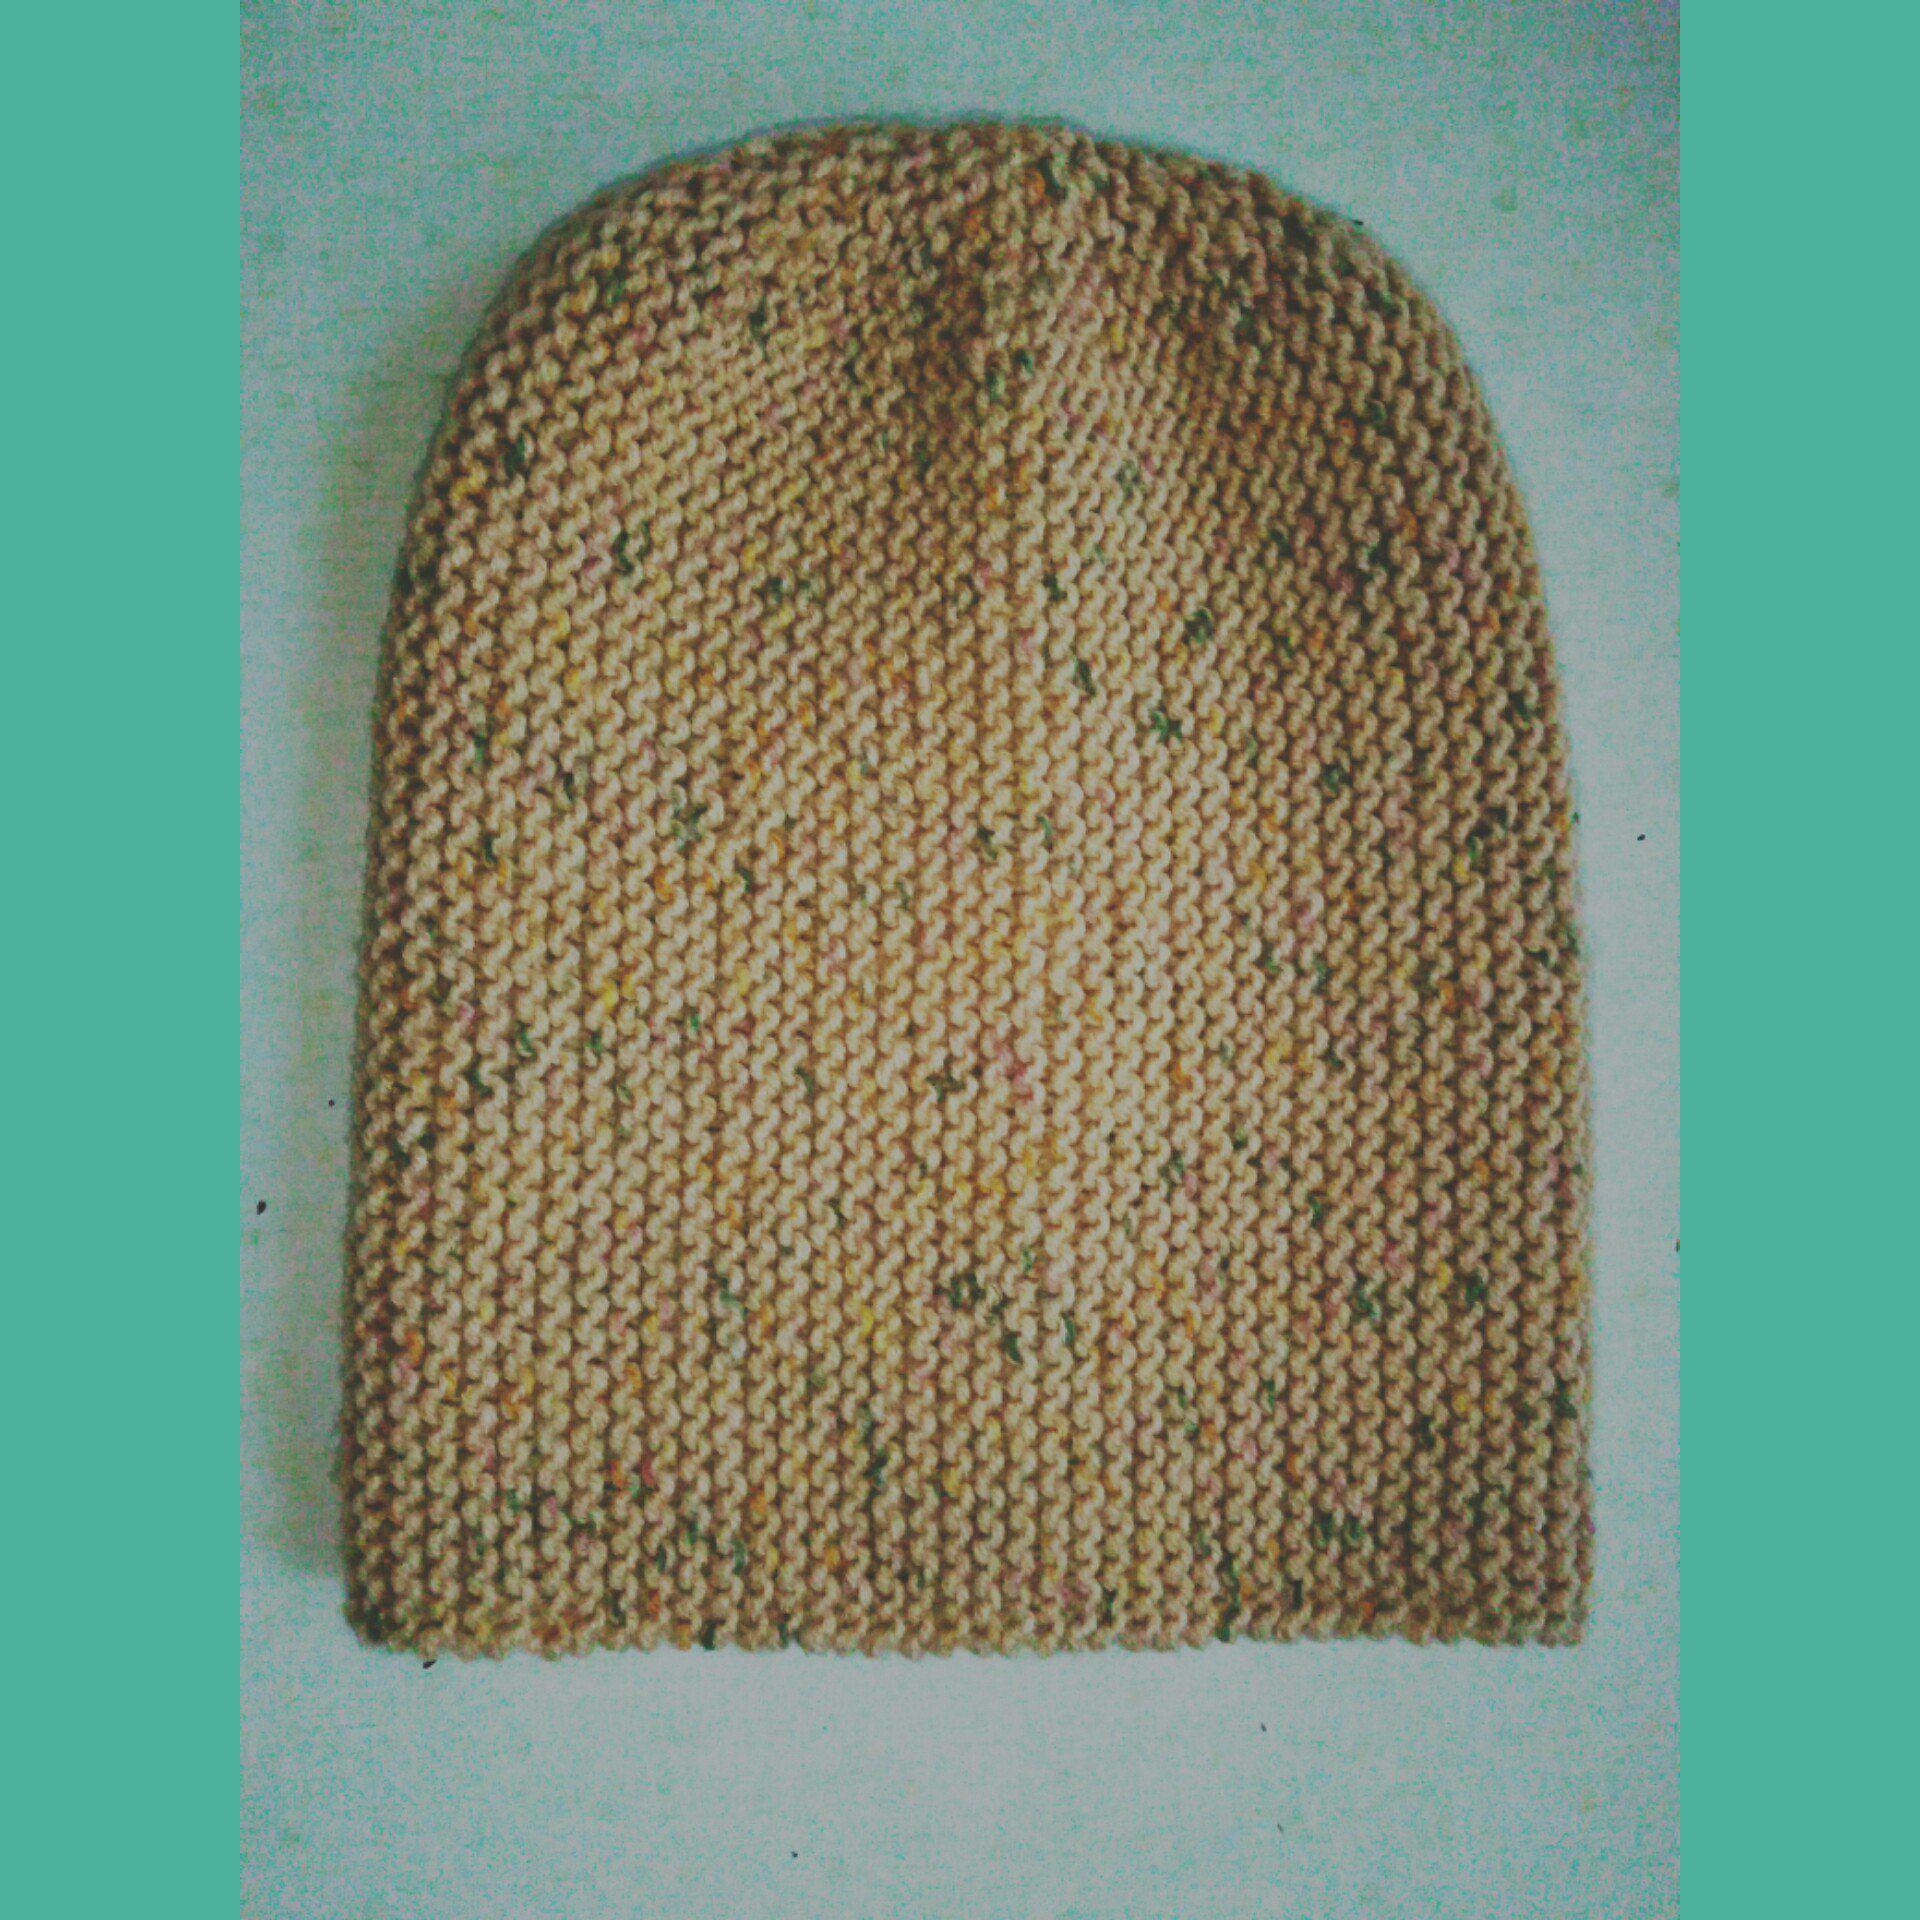 ручнаяработа вязание рукамисвоими шапка шапкабини